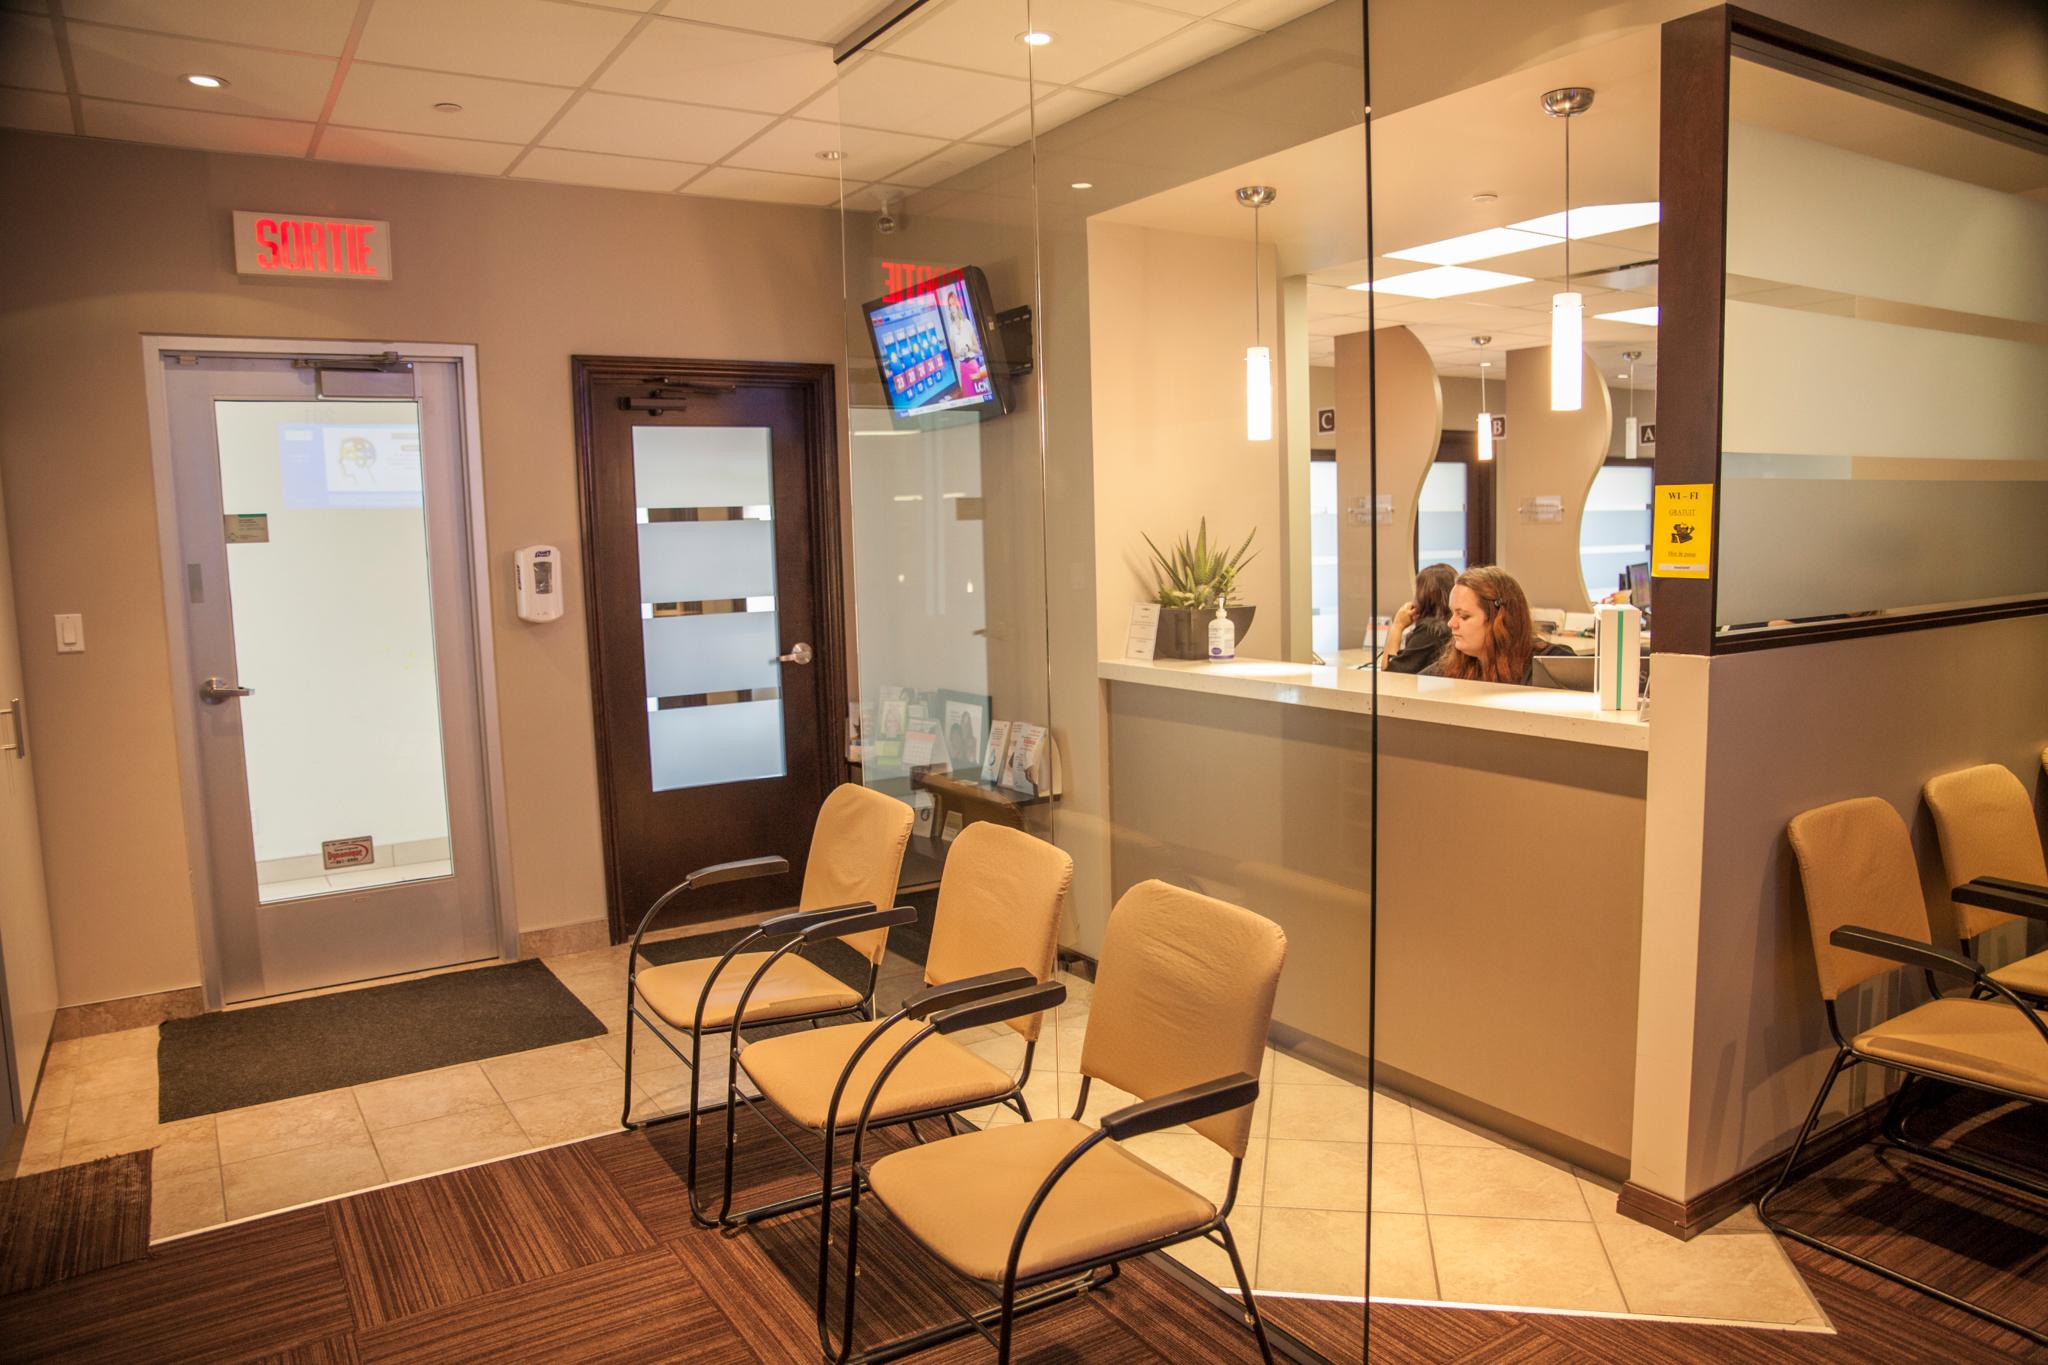 Dion & associés - Centre dentaire et d'implantologie à Québec